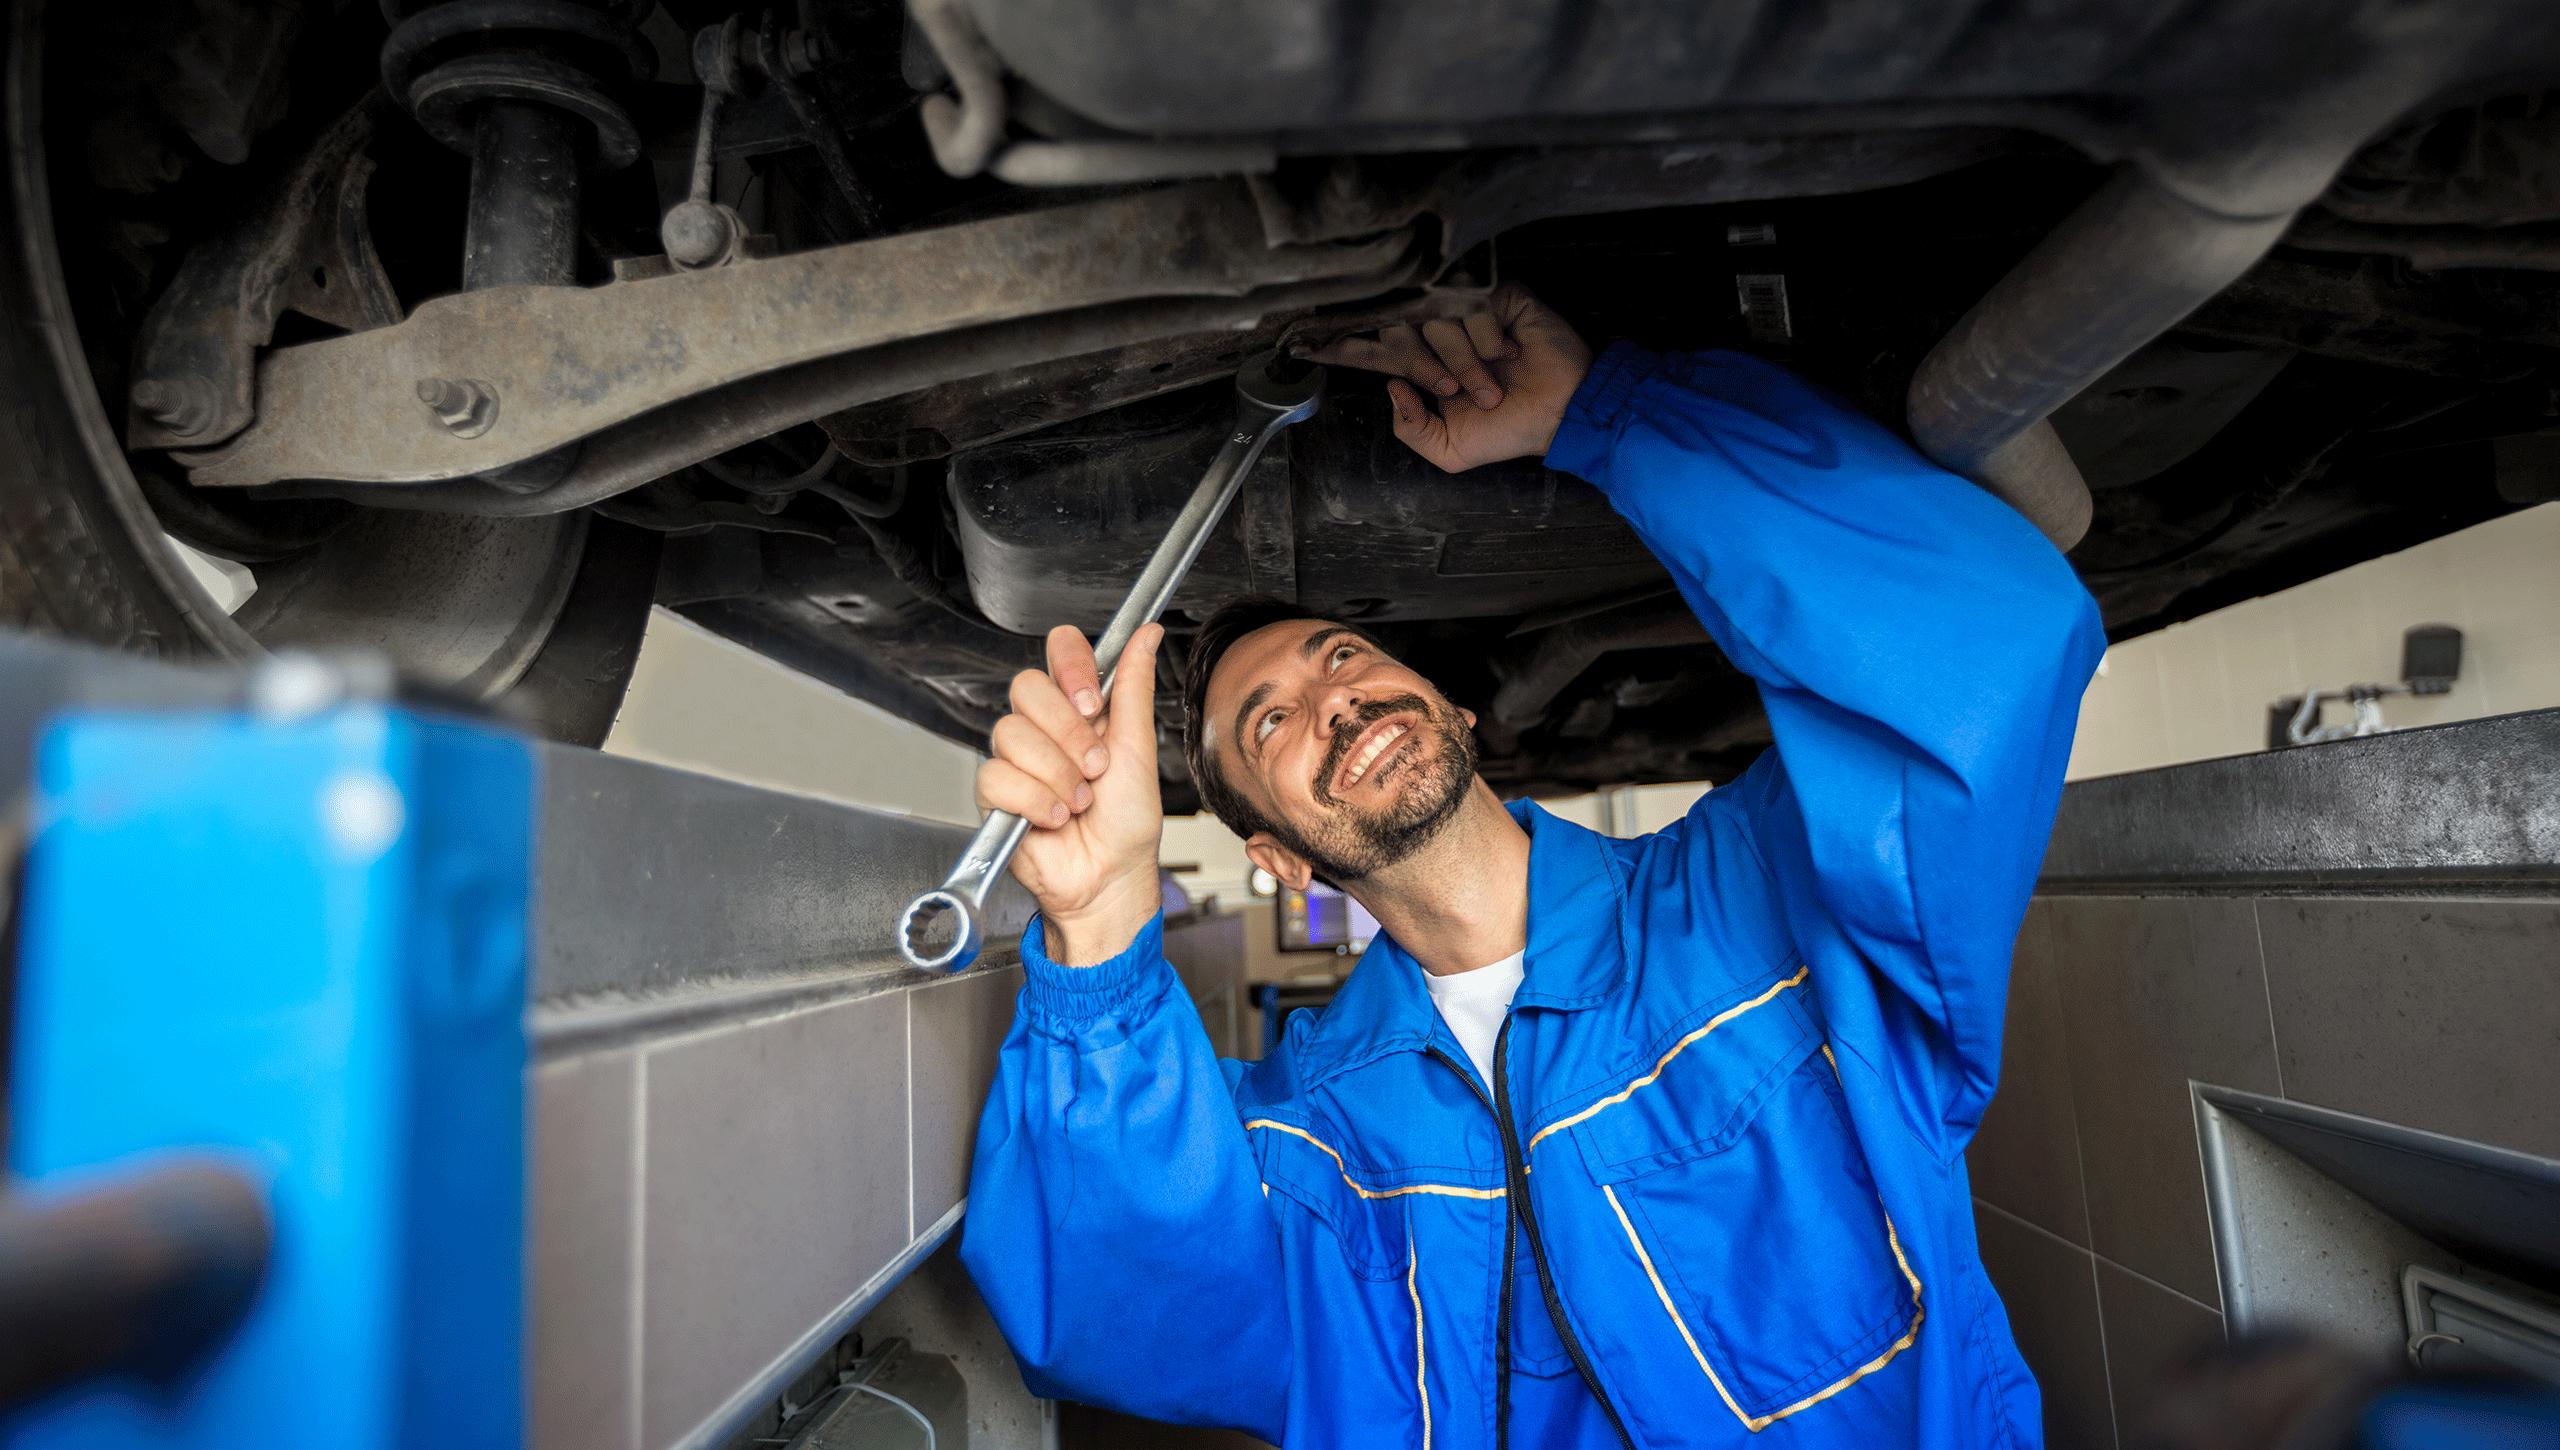 Jak oszczędzić czas i pieniądze naprawiając samochód we własnym garażu?